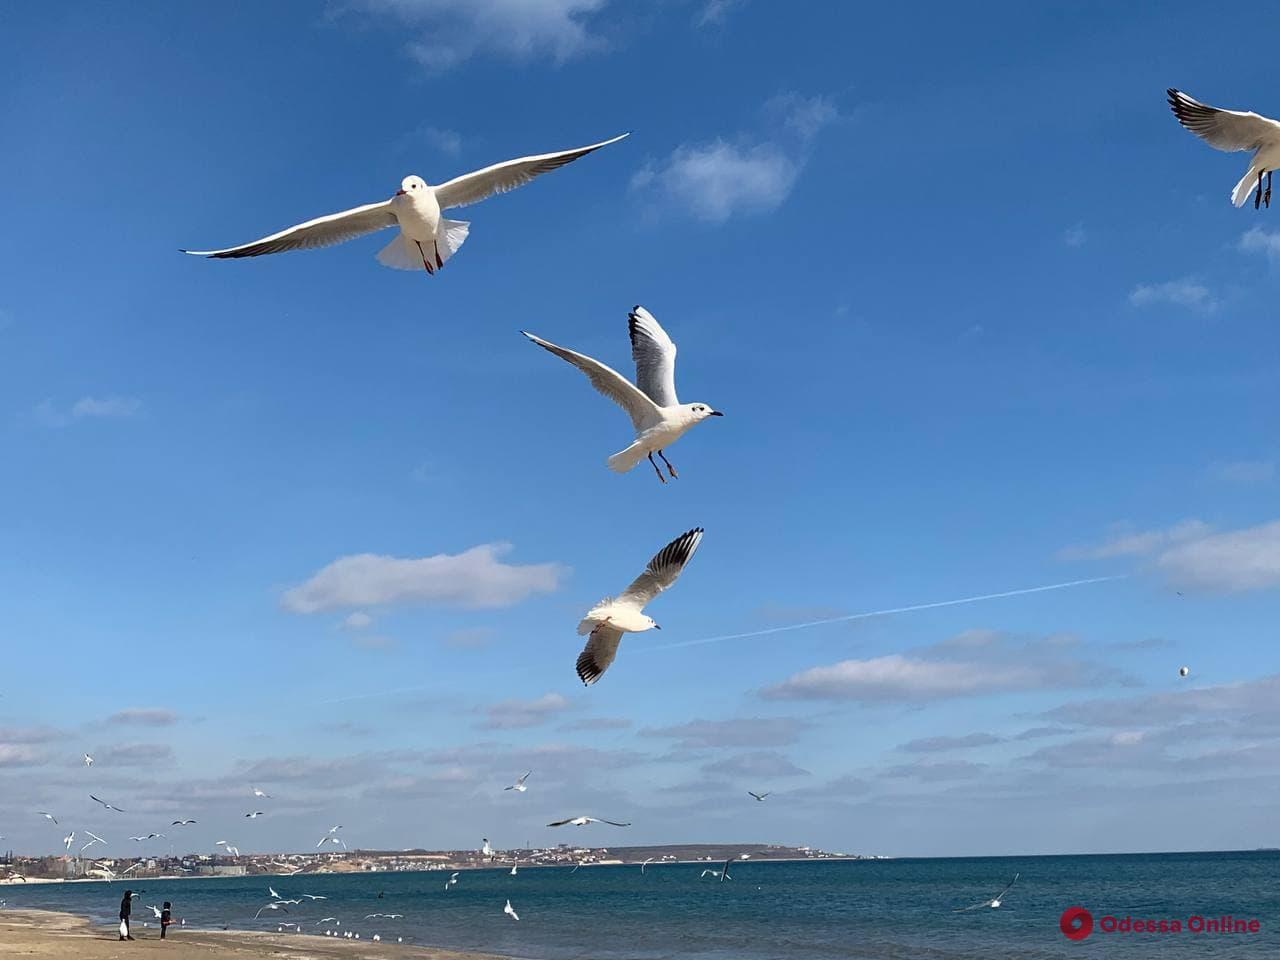 Море, солнце и чайки: ранняя весна в Лузановке (фото)